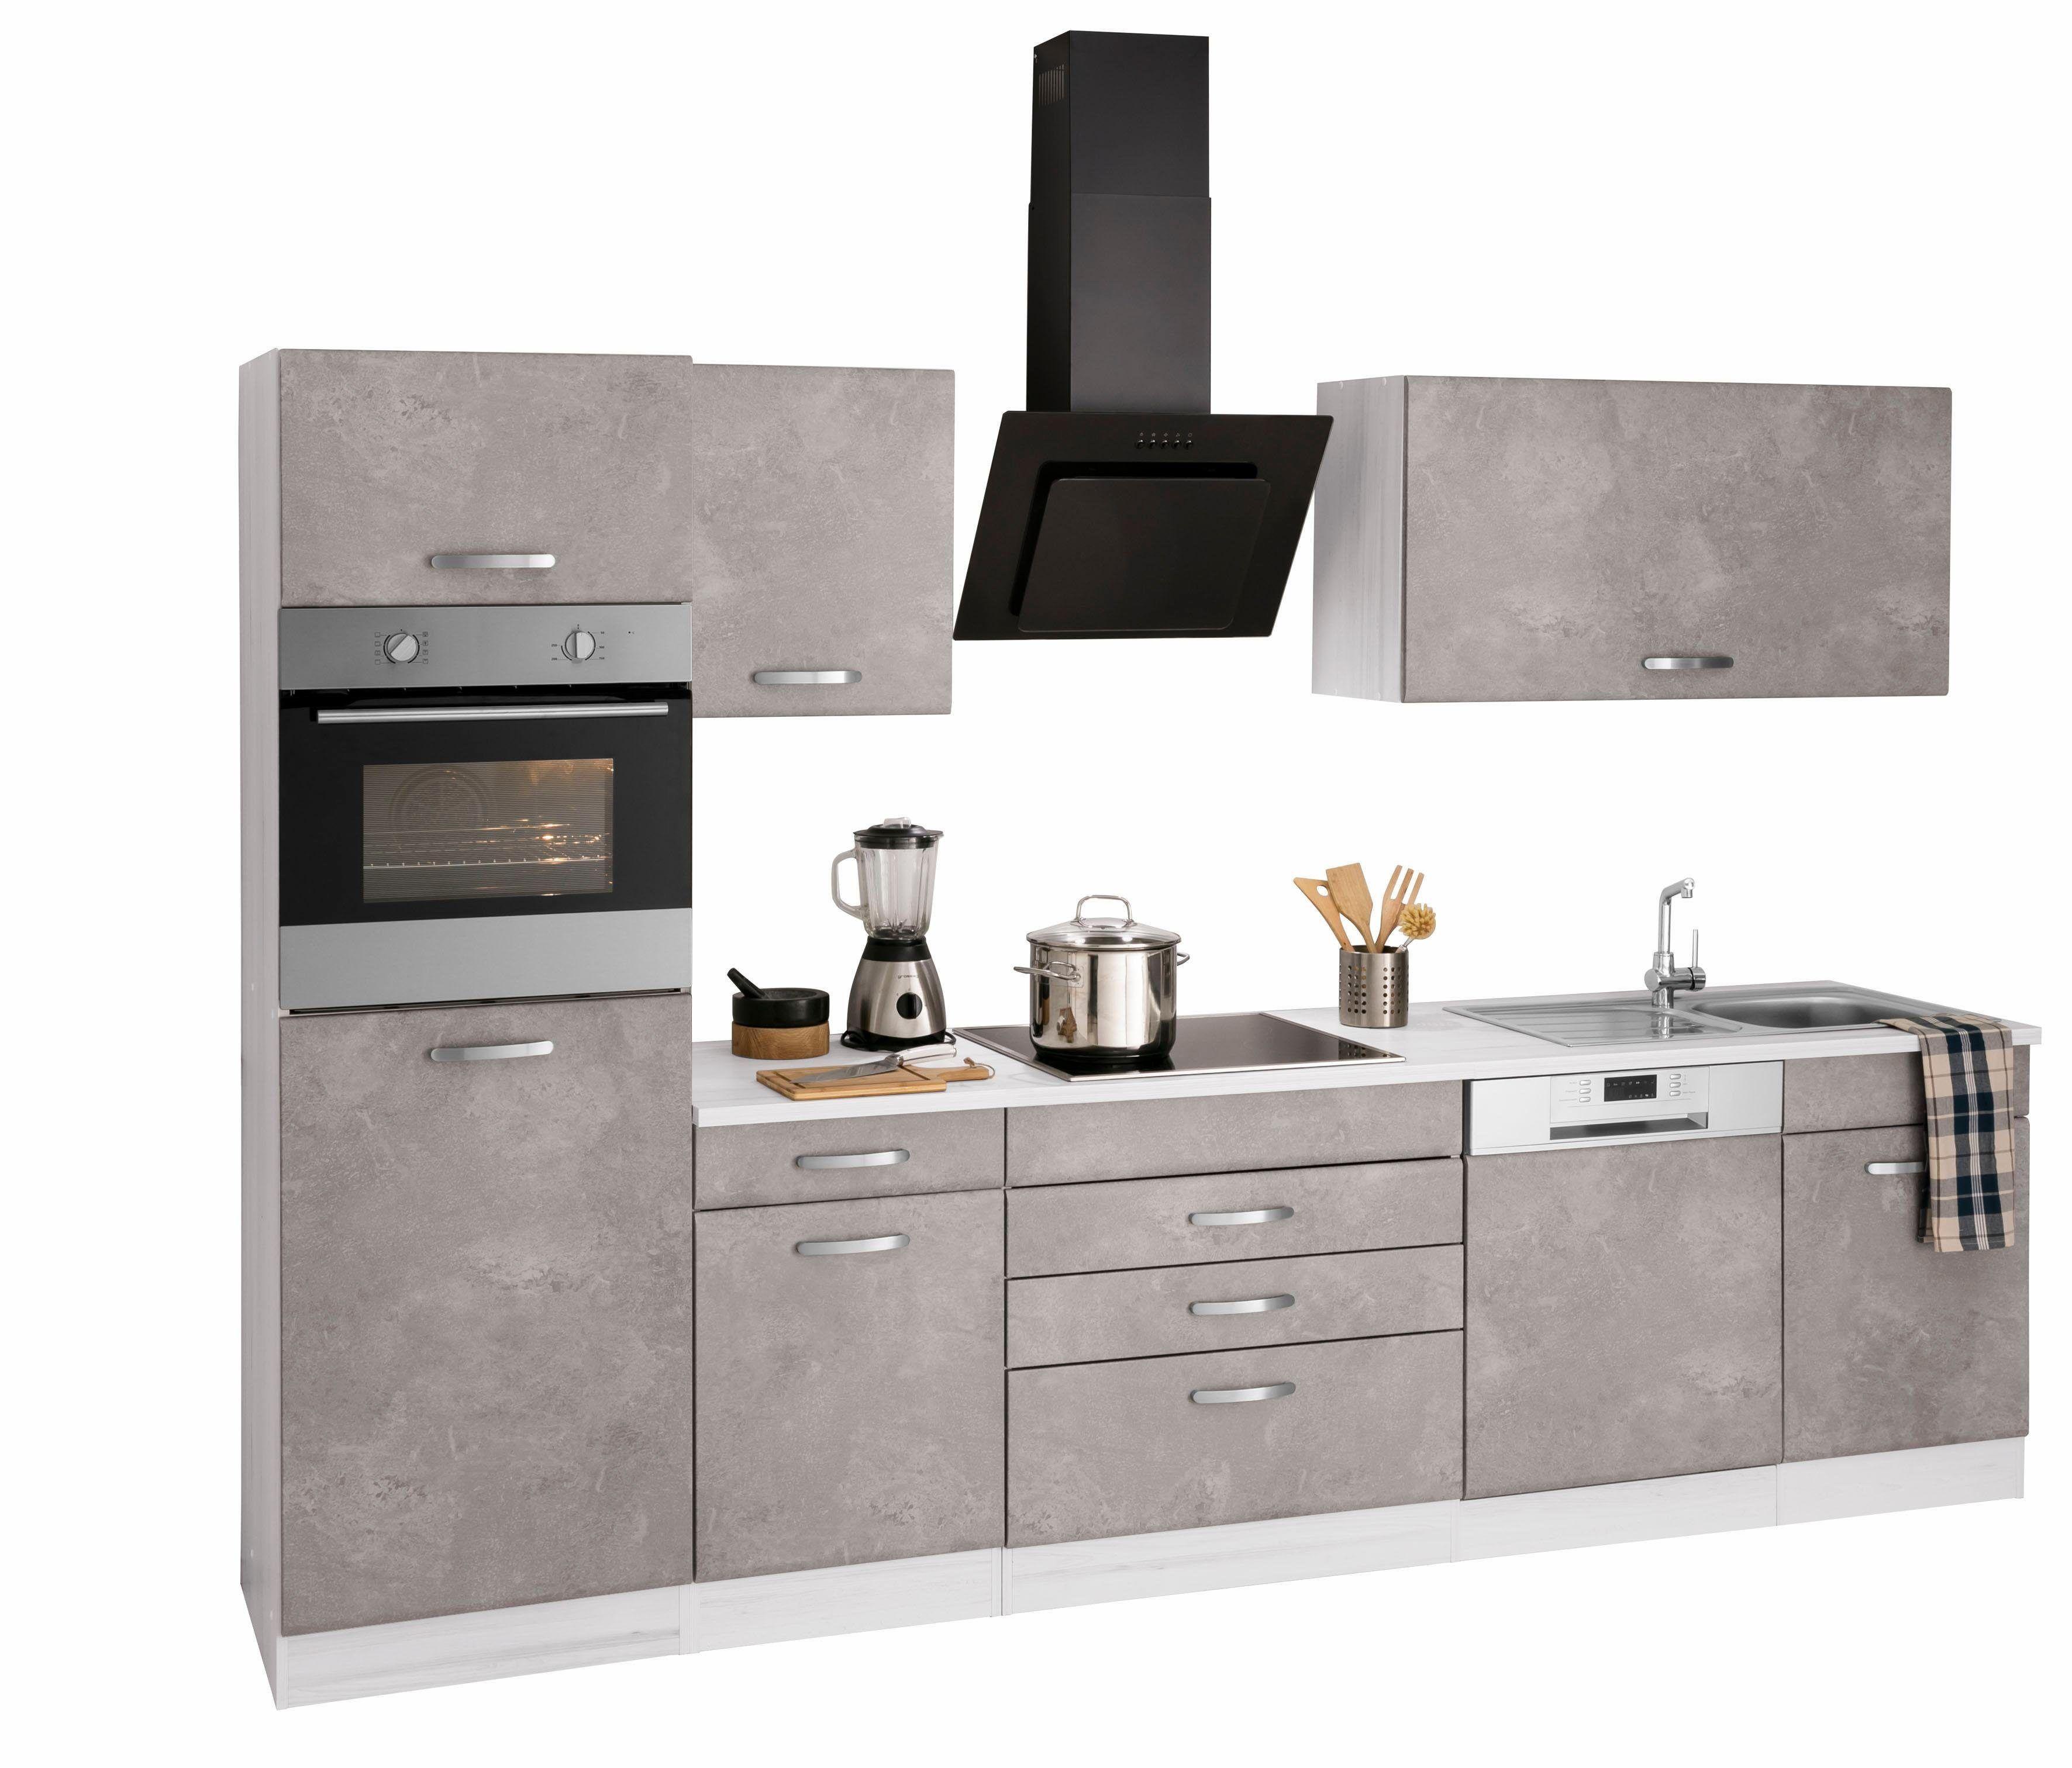 Küchenzeile mit EGeräten »York« grau, mit Aufbauservice